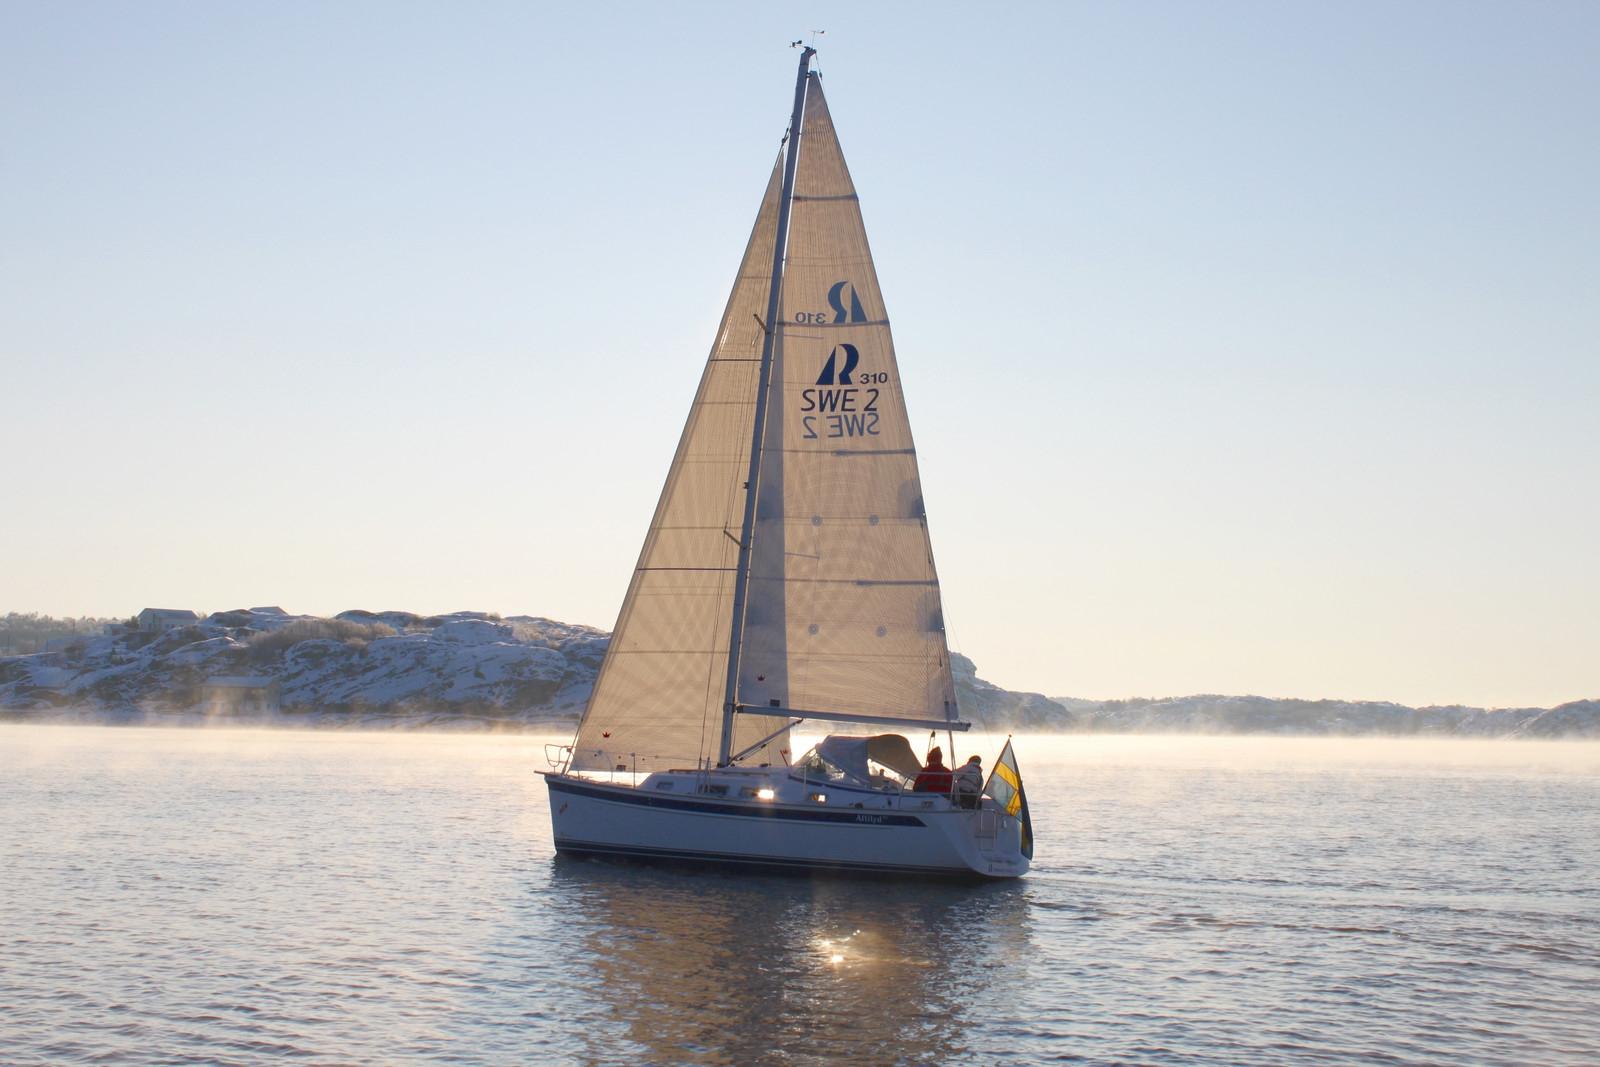 Парусная яхта Hallberg-Russy 310